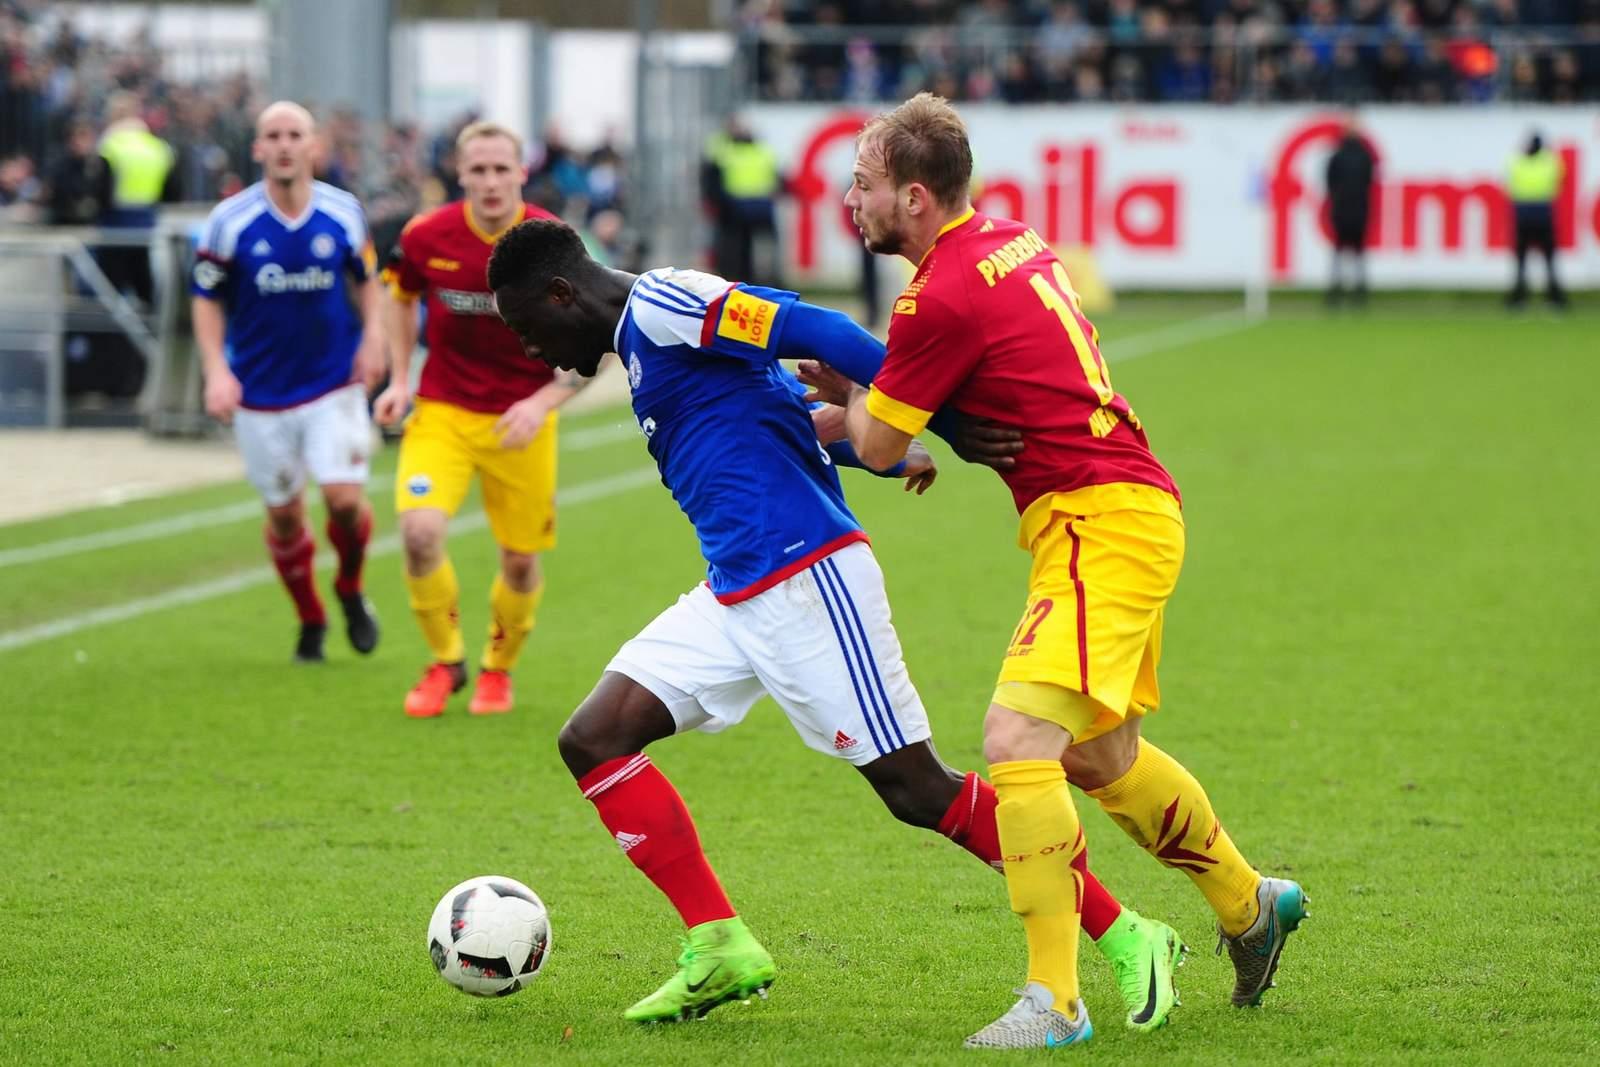 Kann sich Kingsley Schindler im Duell mit Felix Herzenbruch behaupten? Jetzt auf Paderborn gegen Kiel wetten.